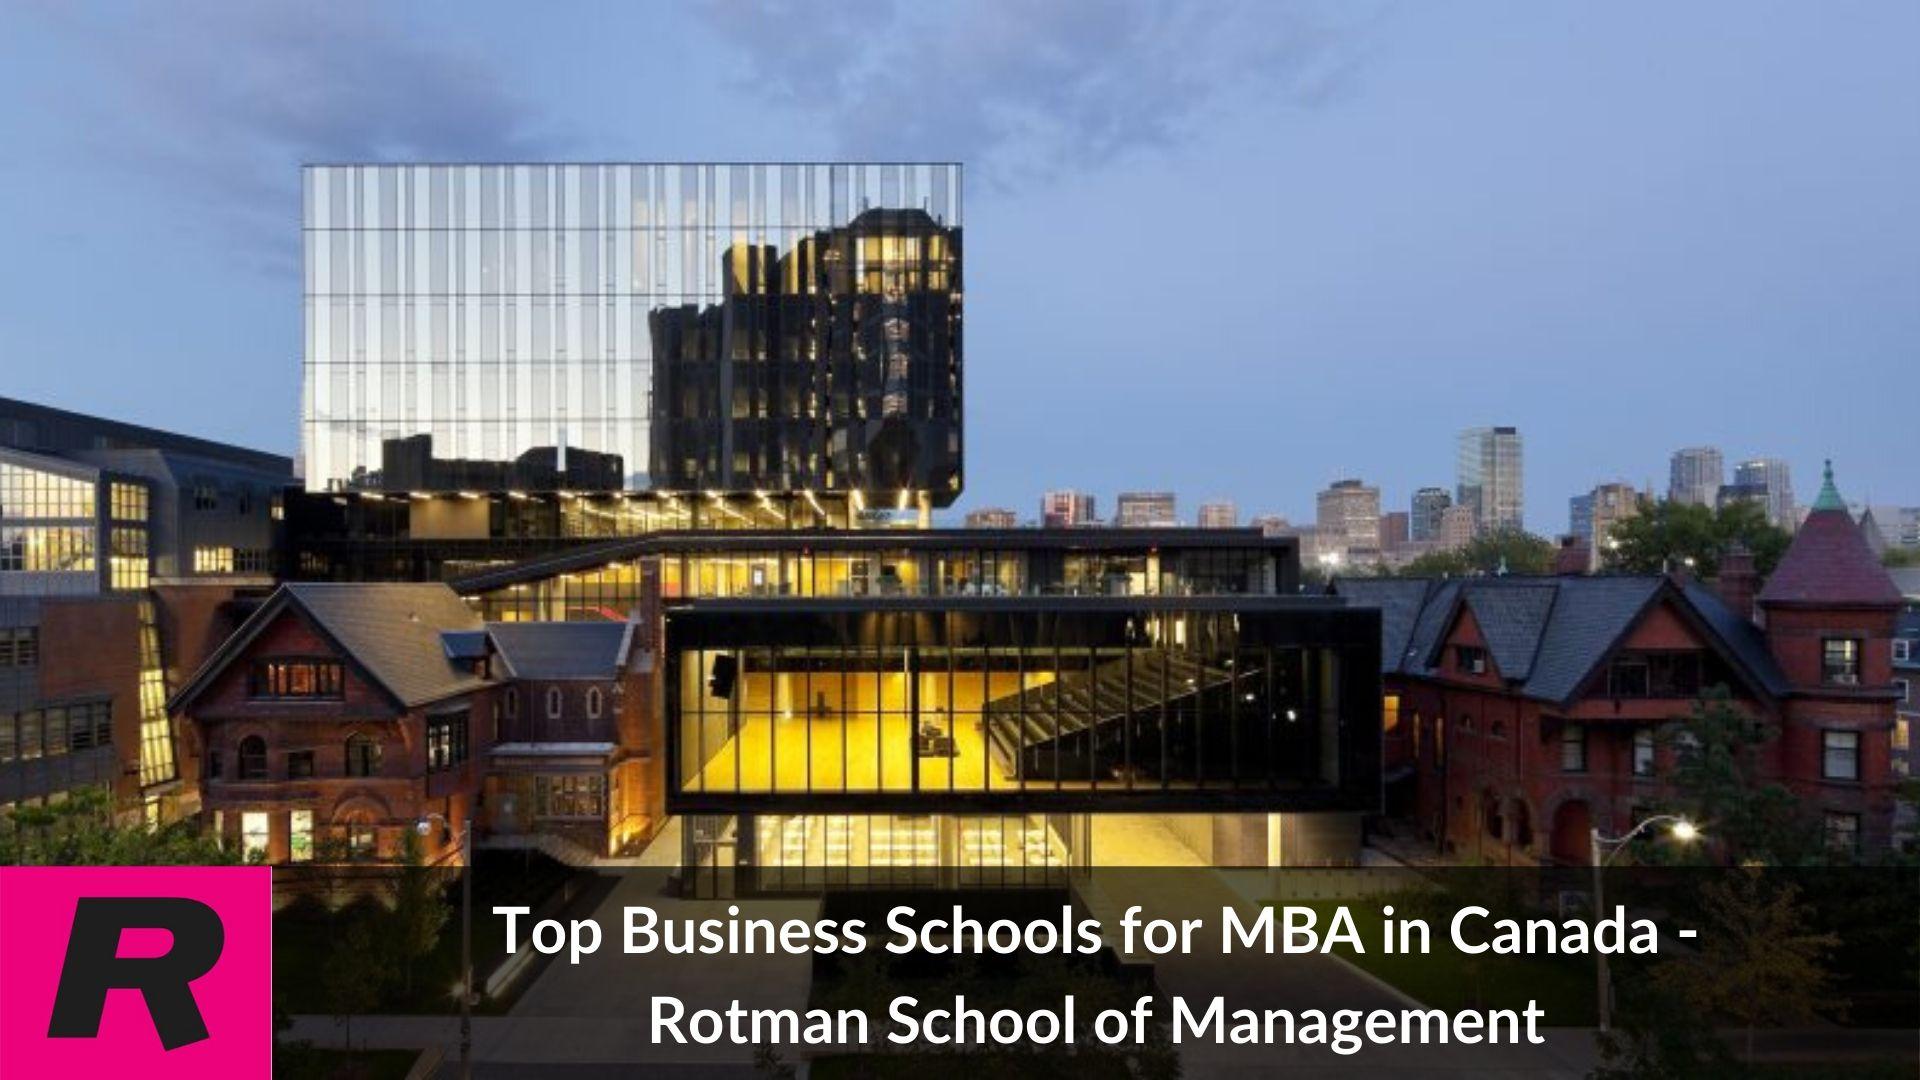 Top MBA universities in Canada - Rotman school of management